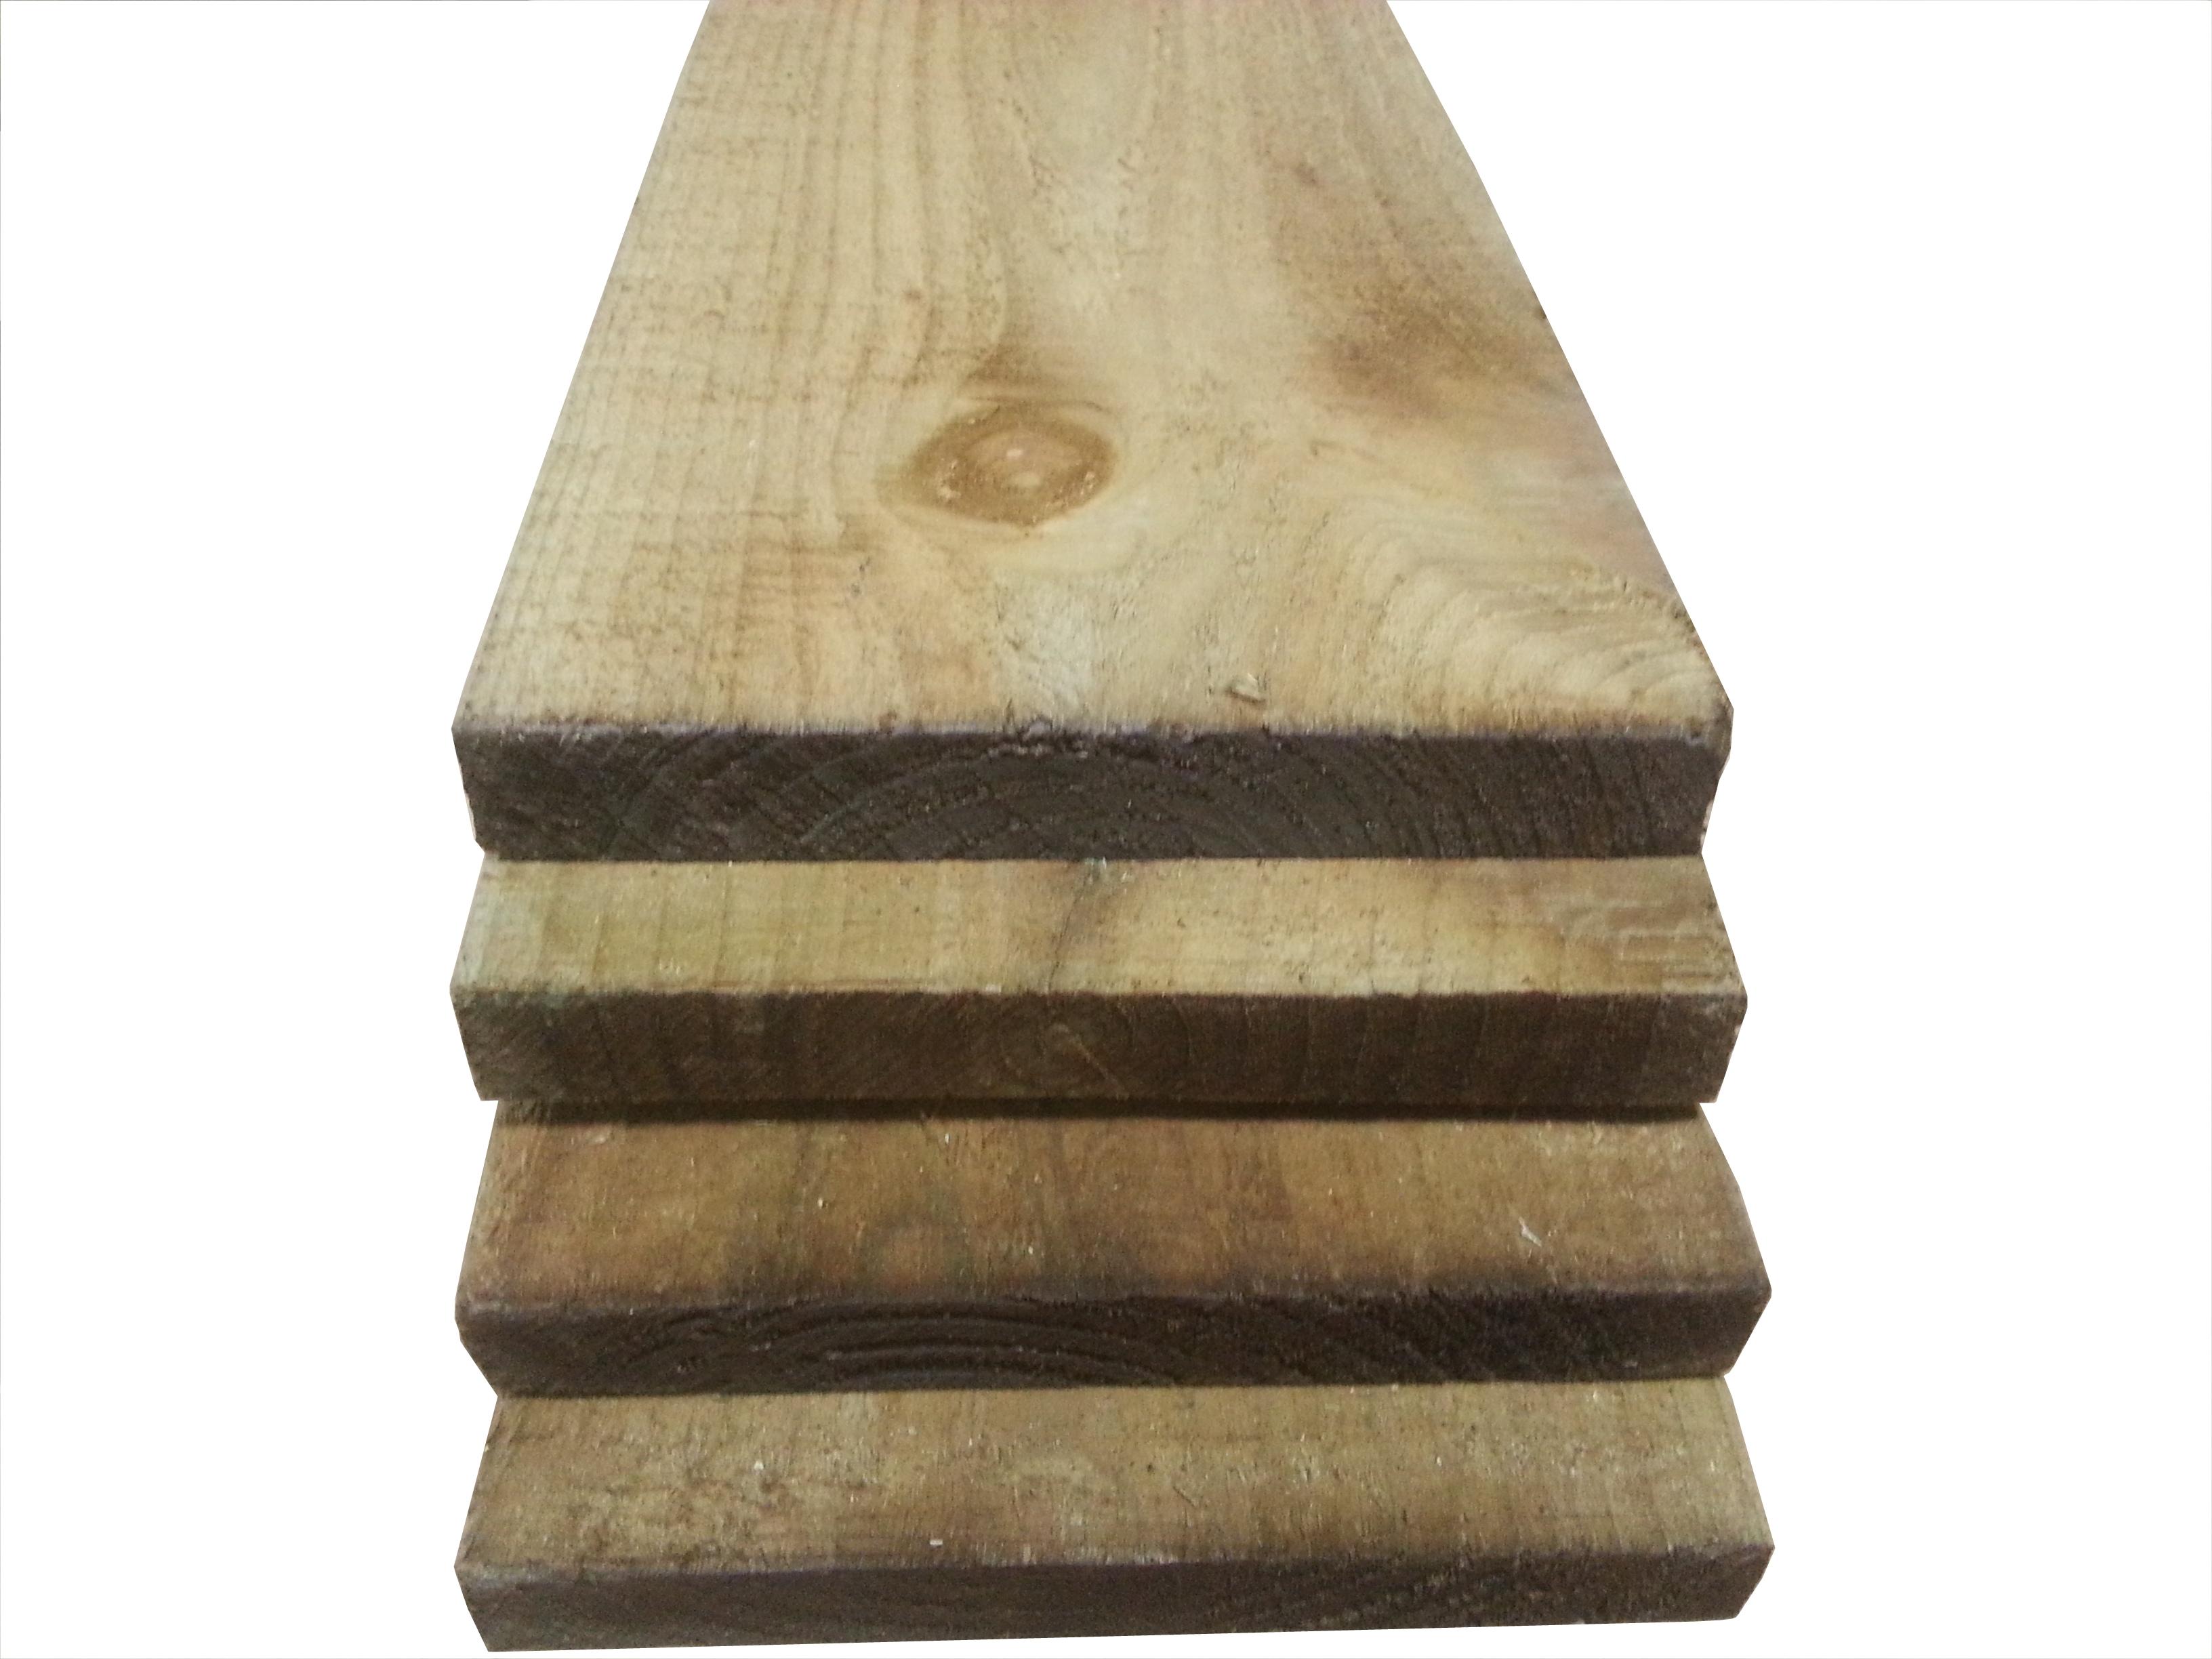 Rough sawn 3